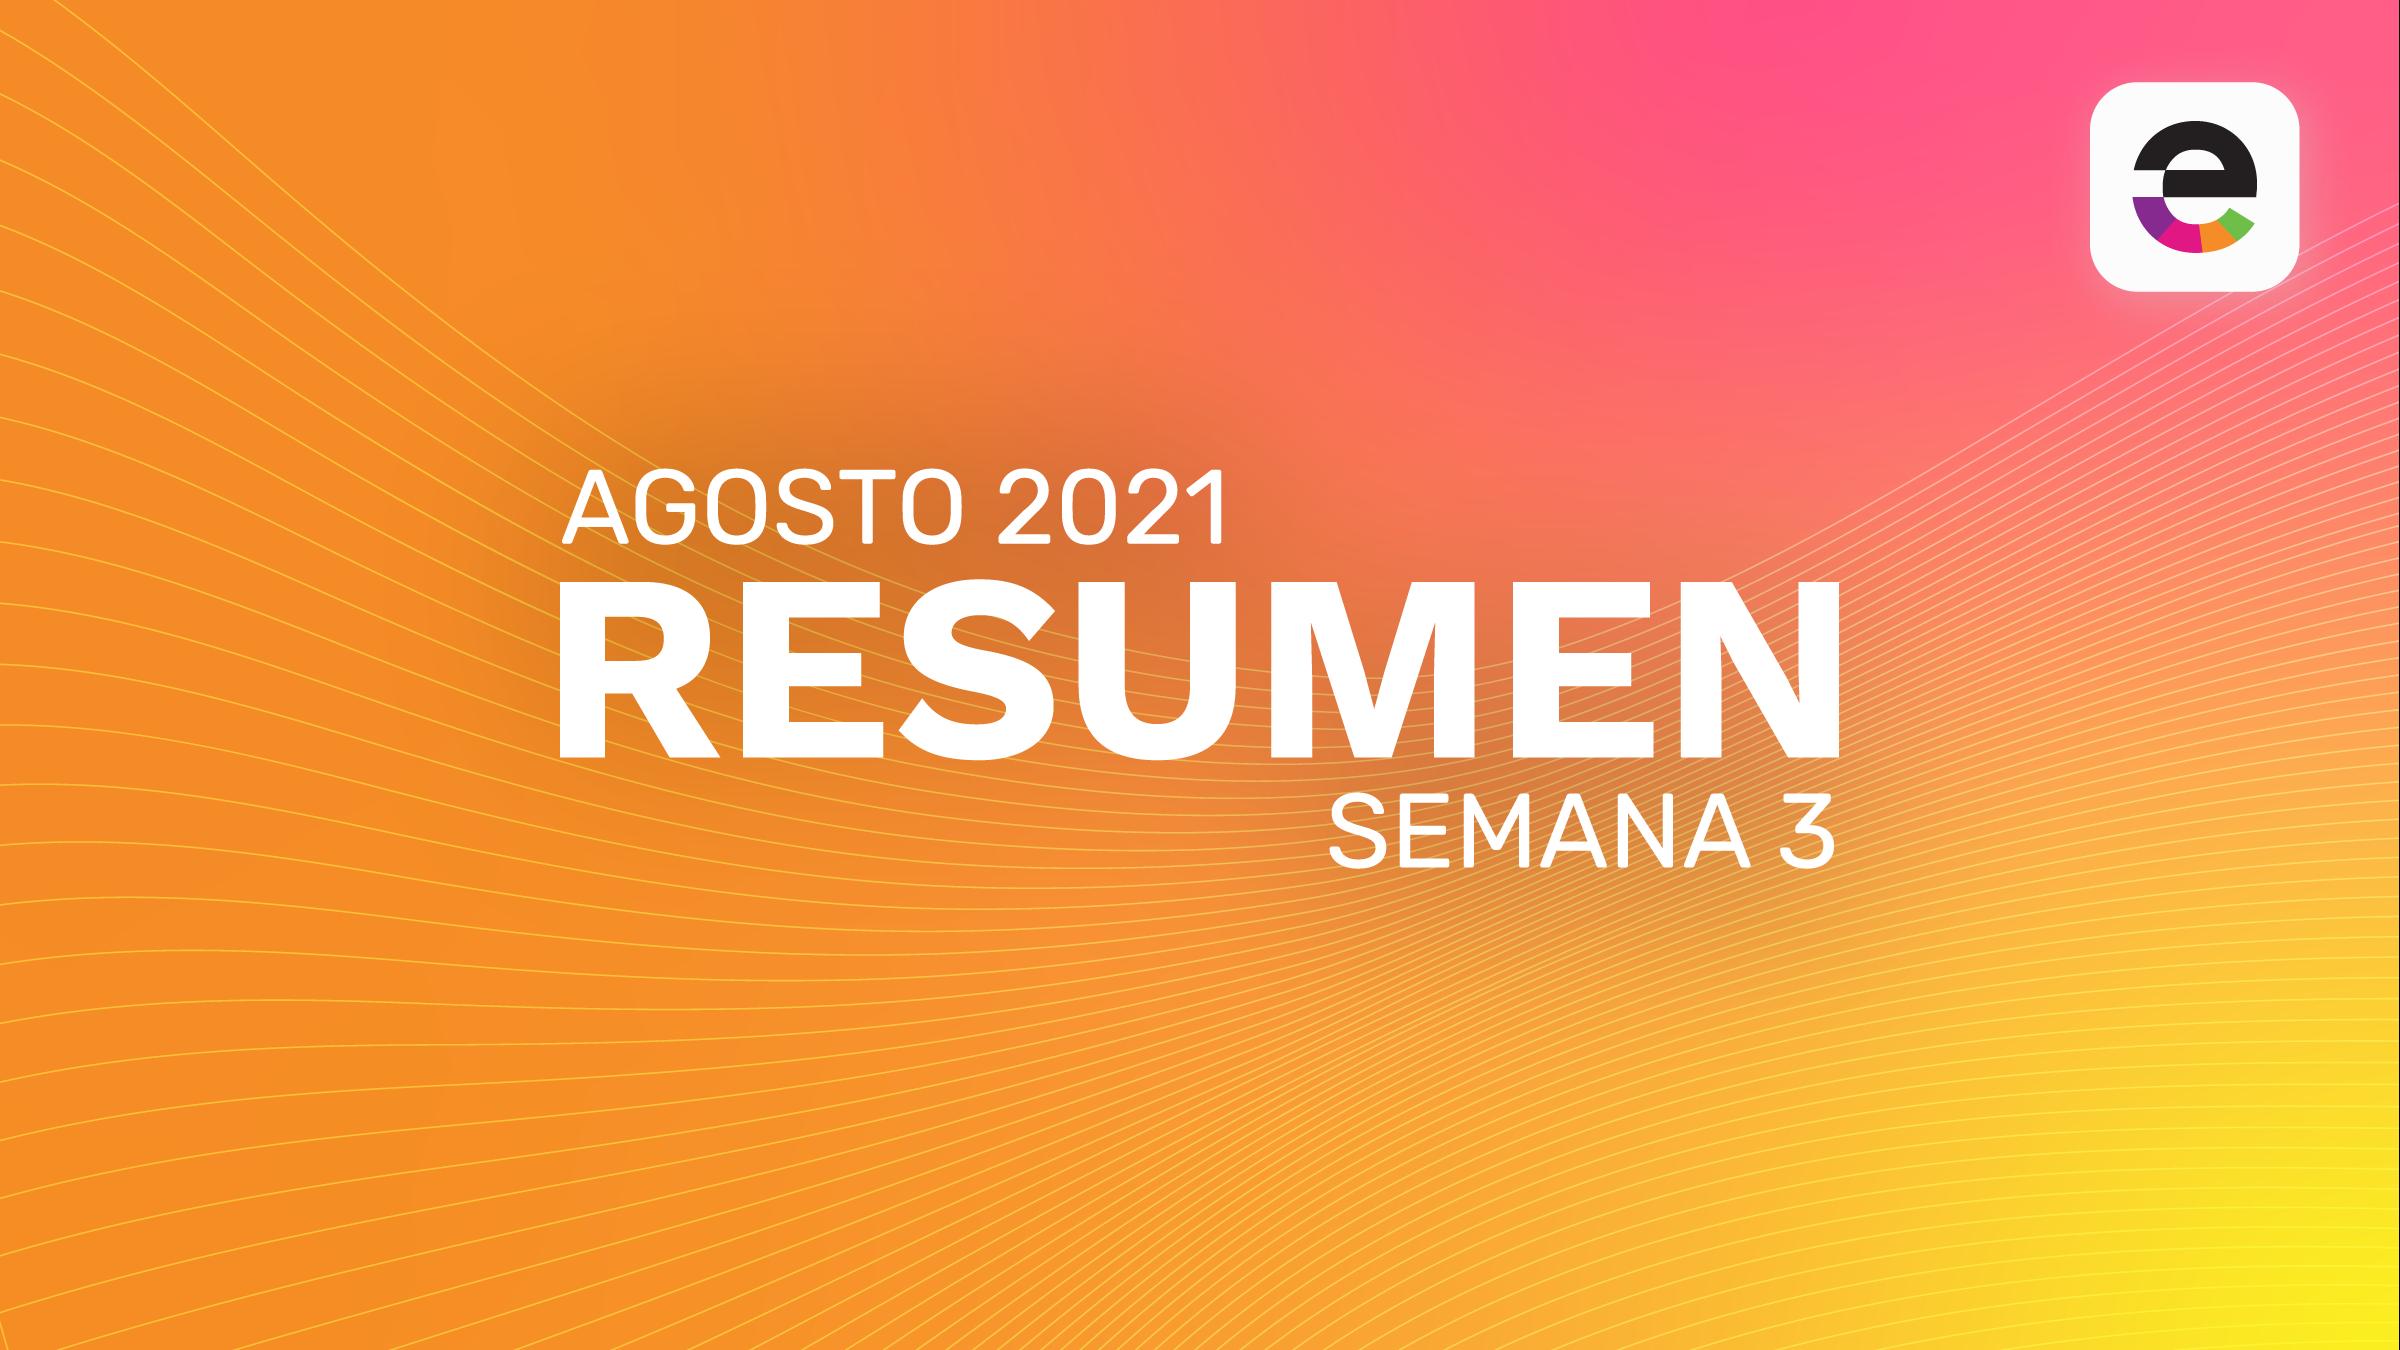 Resumen Agosto 2021: Semana 3